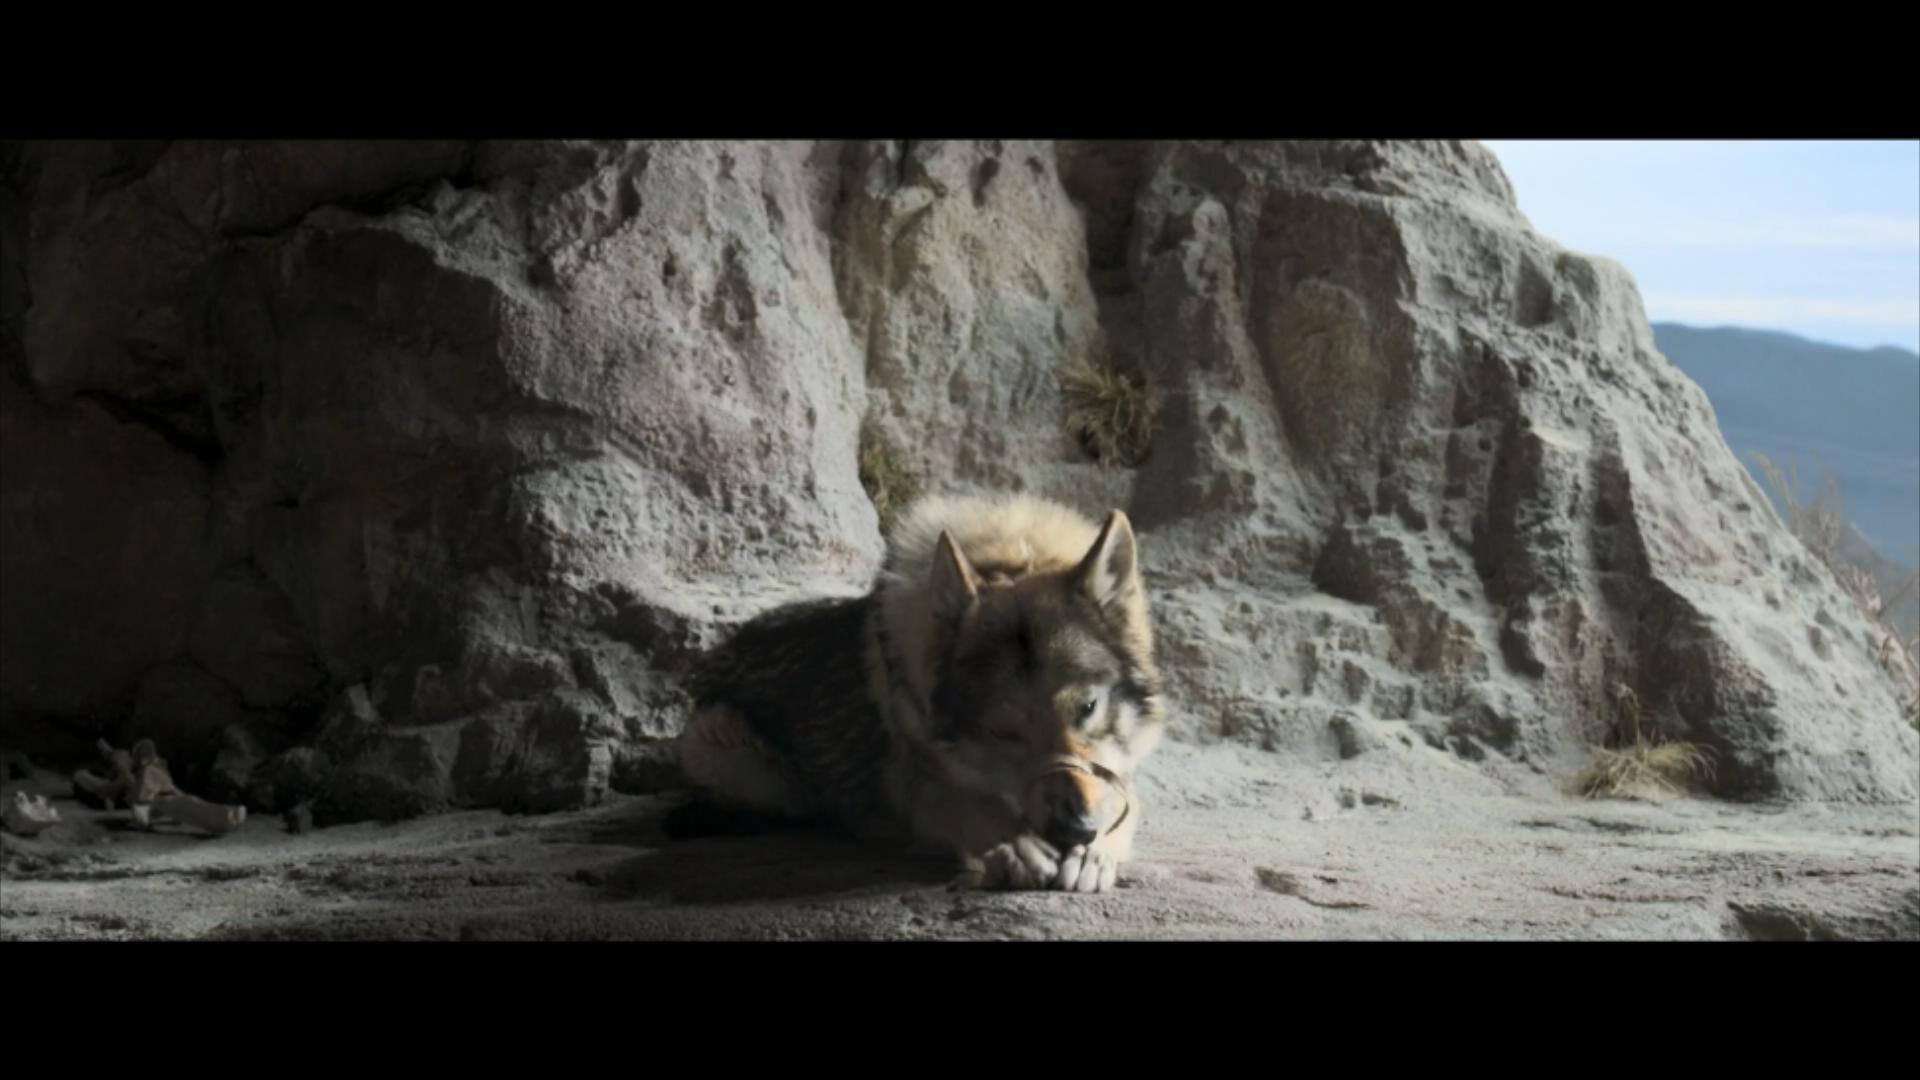 2018《阿尔法:狼伴归途》2700字,7分钟剧情解说稿-第6张图片